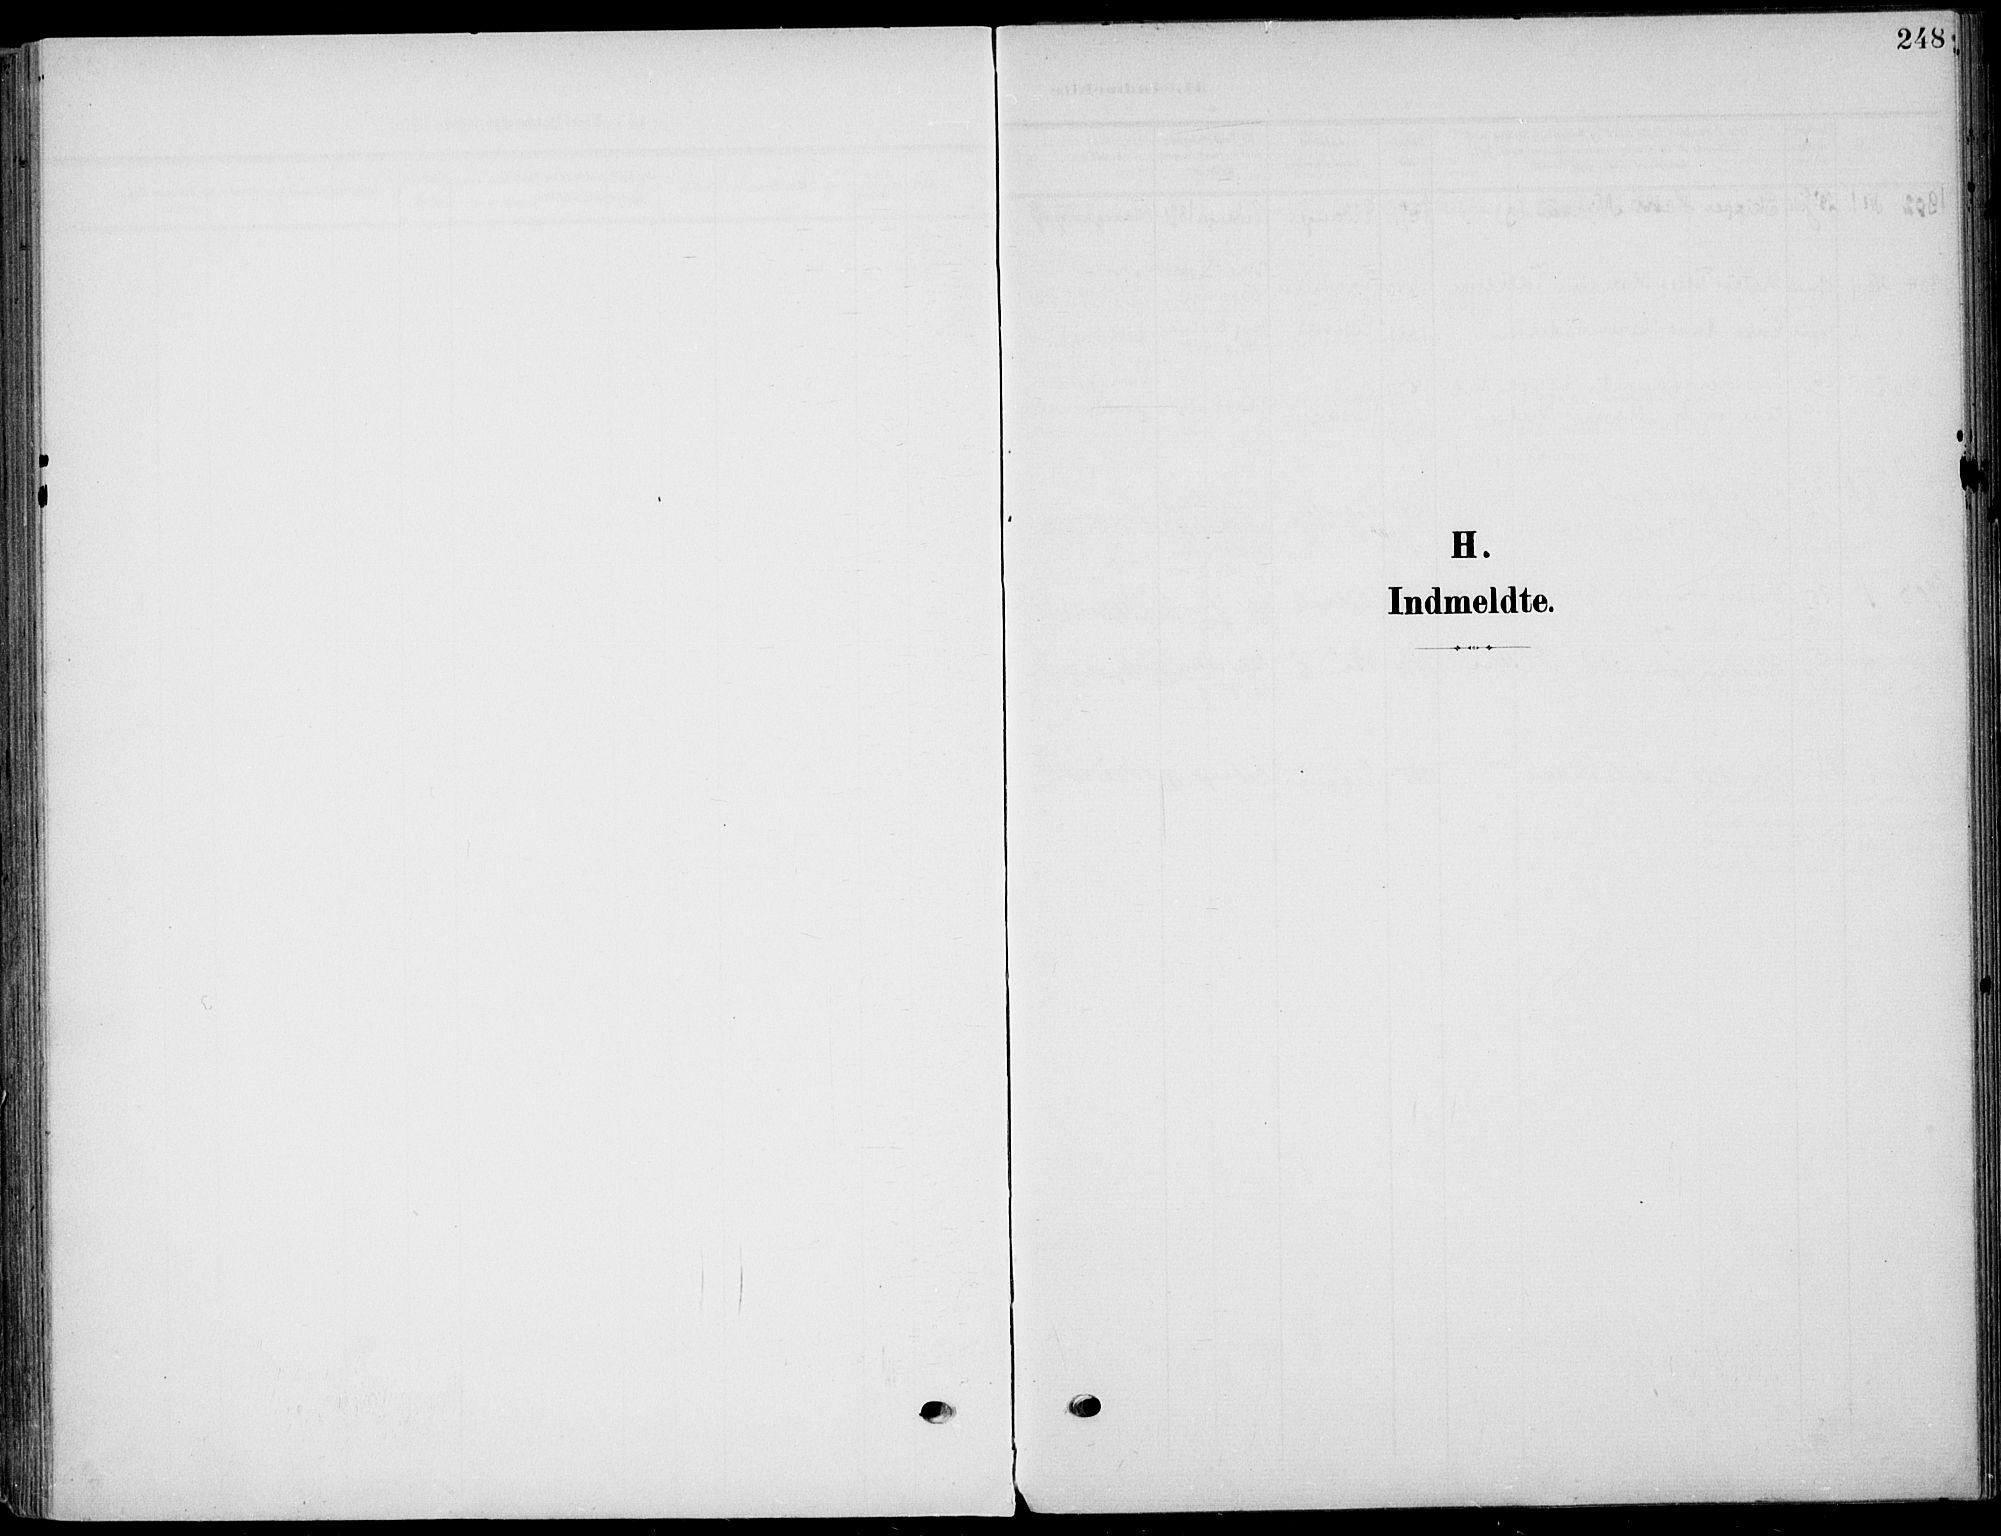 SAKO, Eidanger kirkebøker, F/Fa/L0013: Ministerialbok nr. 13, 1900-1913, s. 248